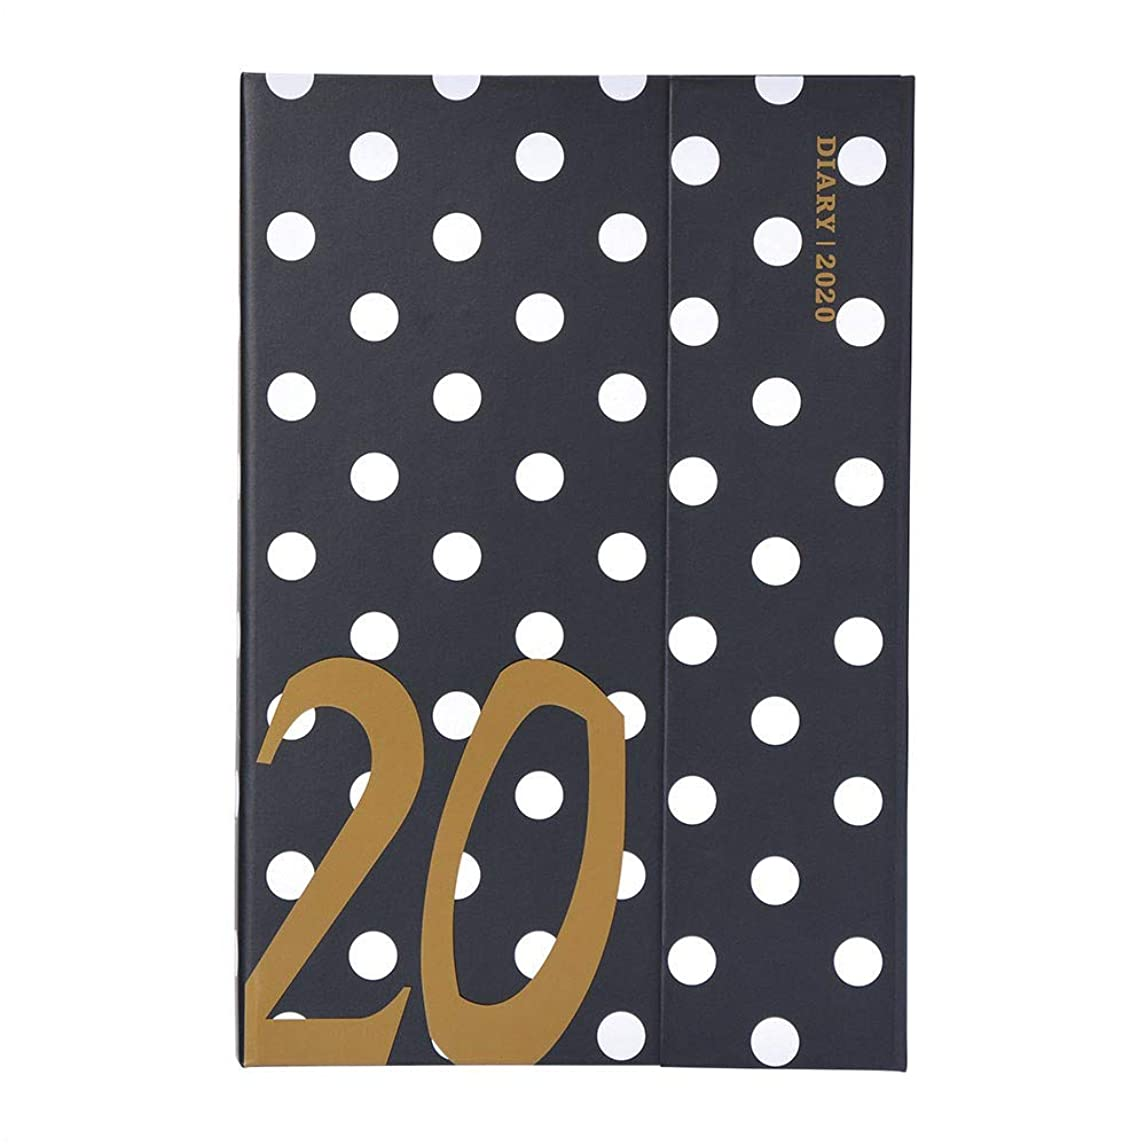 オークション代表するラテンマークス 手帳 2020 スケジュール帳 ダイアリー ウィークリー?レフト 2019年12月始まり B6変型 マグネット20?ドット ブラック 20WDR-CH07-BK